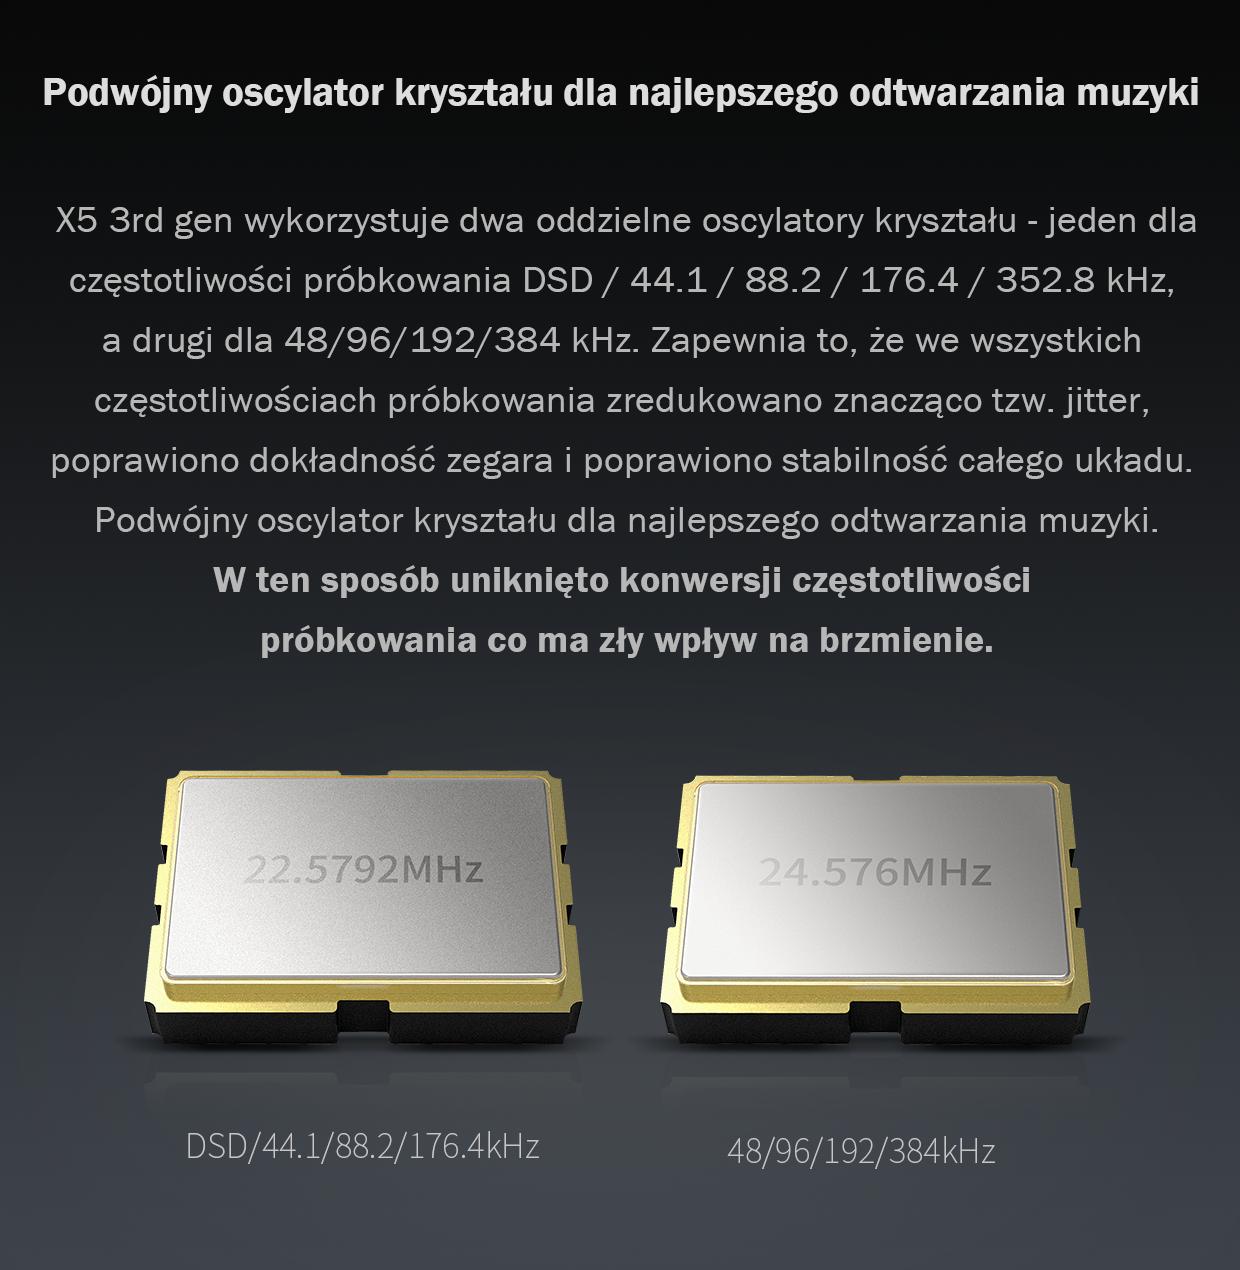 X5 3rd gen wykorzystuje dwa oddzielne oscylatory kryształu - jeden dla częstotliwości próbkowania DSD / 44.1 / 88.2 / 176.4 / 352.8 kHz, a drugi dla 48/96/192/384 kHz. Zapewnia to, że we wszystkich częstotliwościach próbkowania zredukowano znacząco tzw. jitter, poprawiono dokładność zegara i poprawiono stabilność całego układu. W ten sposób uniknięto konwersji częstotliwości próbkowania co ma zły wpływ na brzmienie.